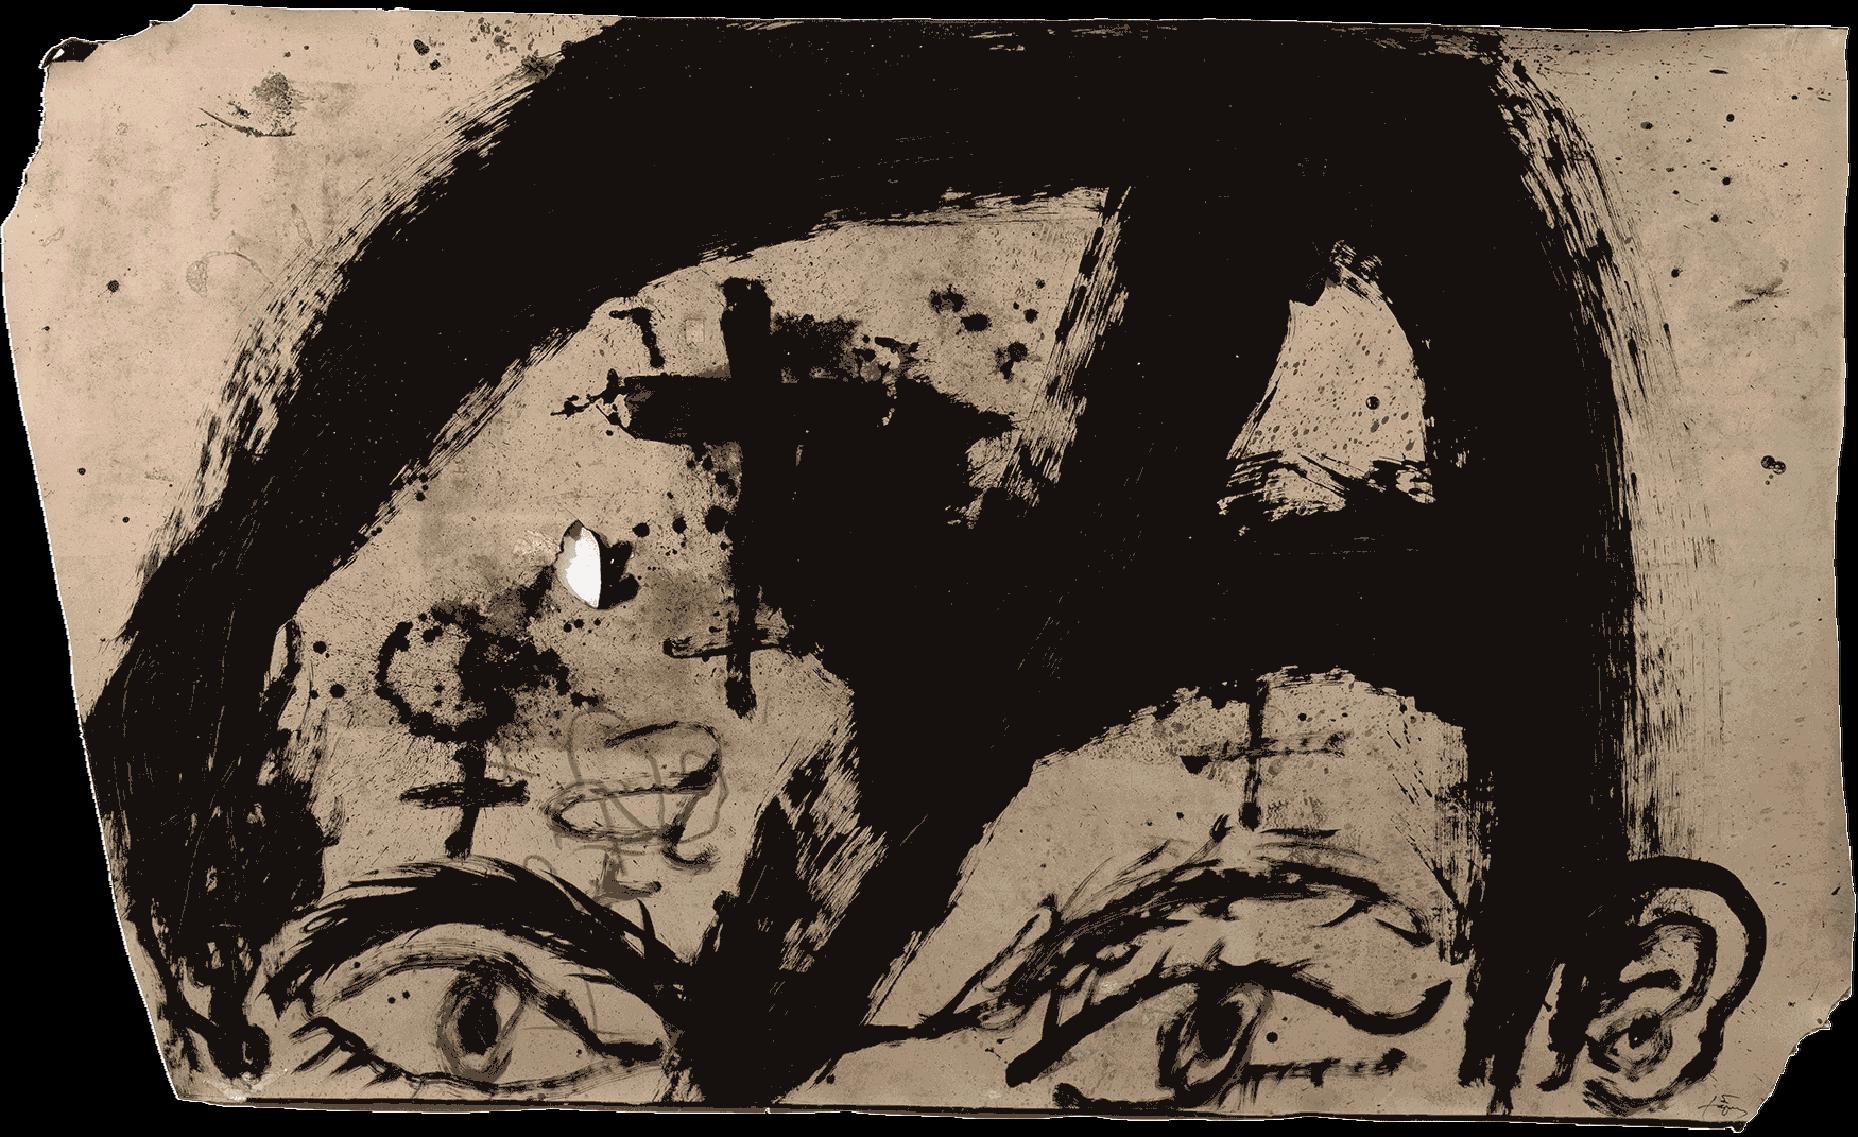 Antoni Tàpies. Certeses sentides